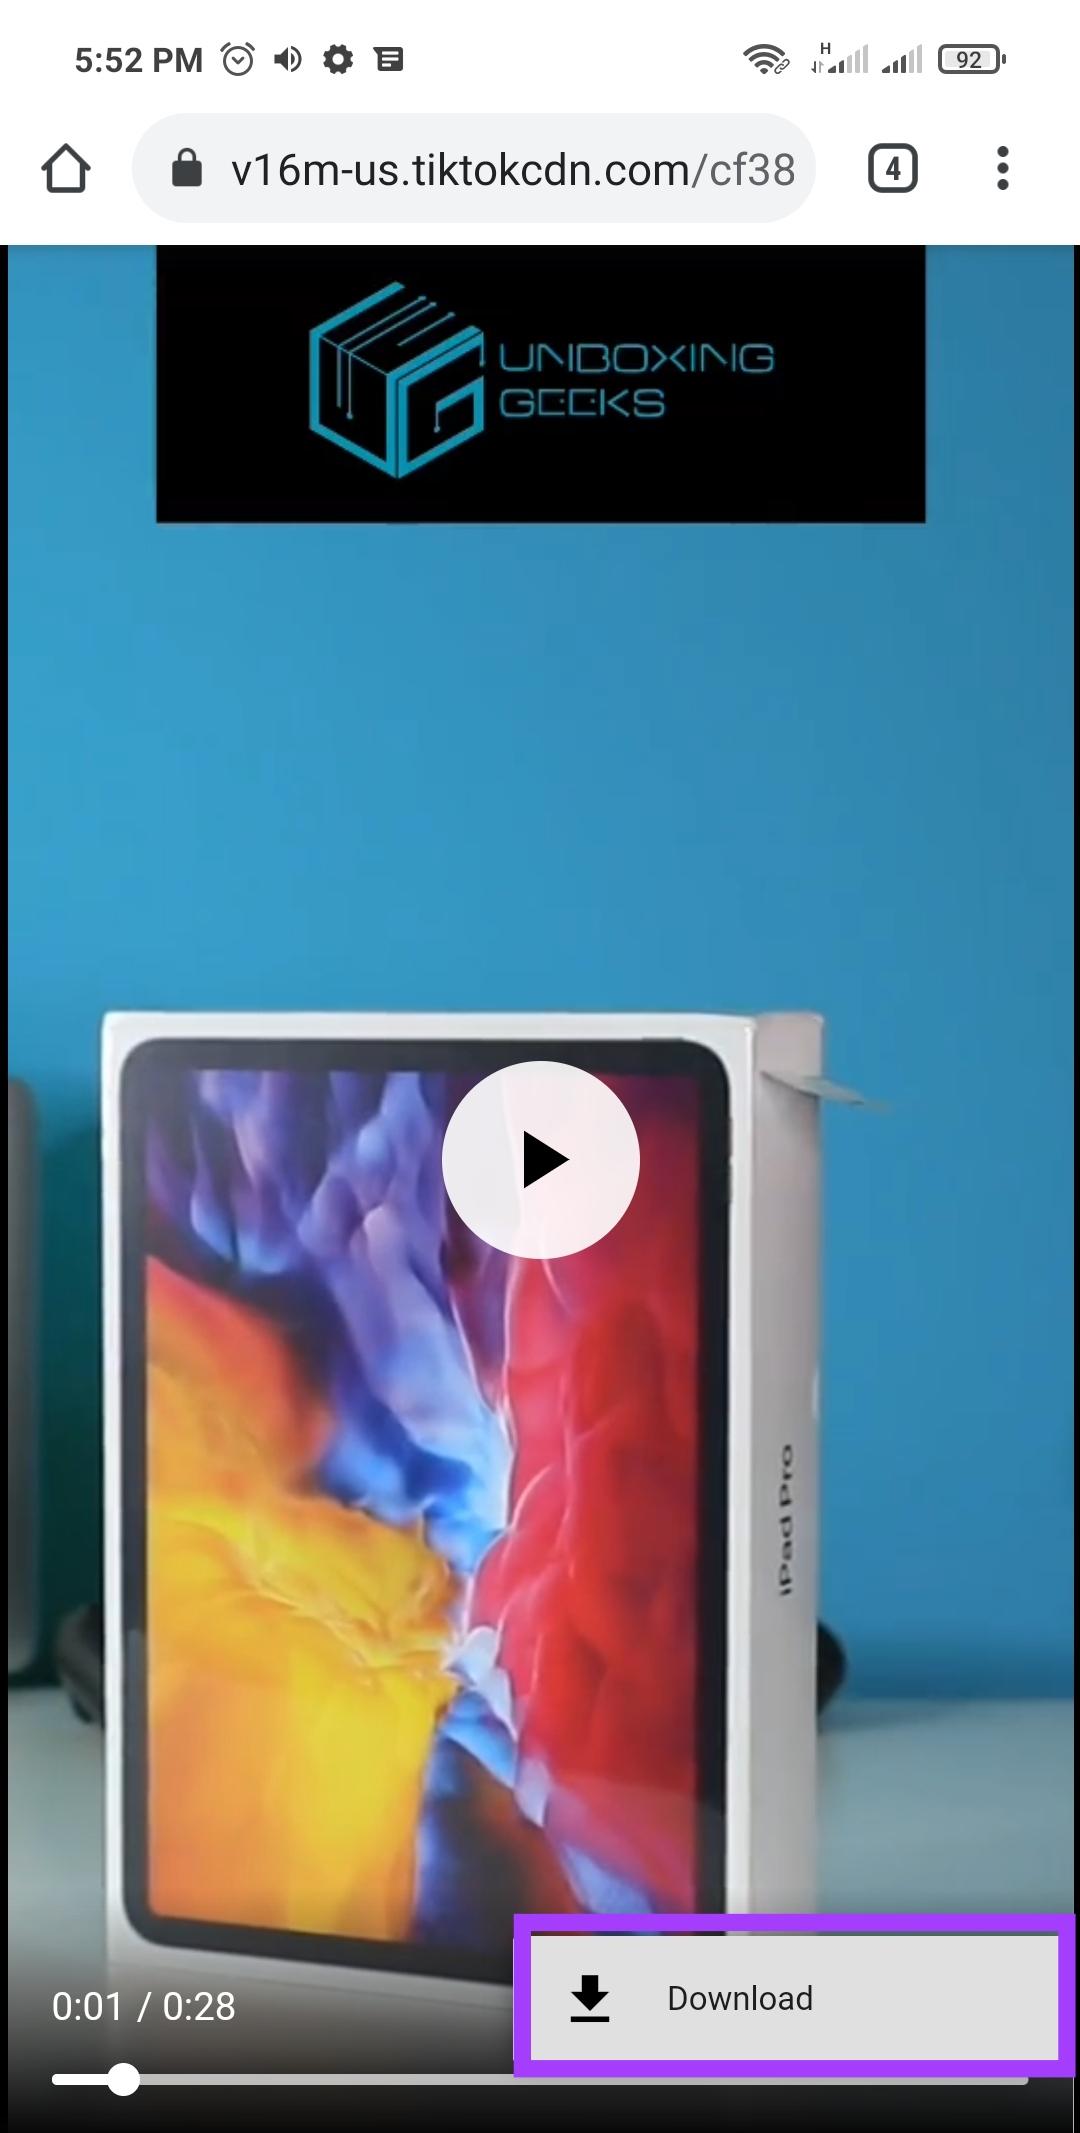 تنزيل الفيديو من خلال الزر الموضح على الشاشة